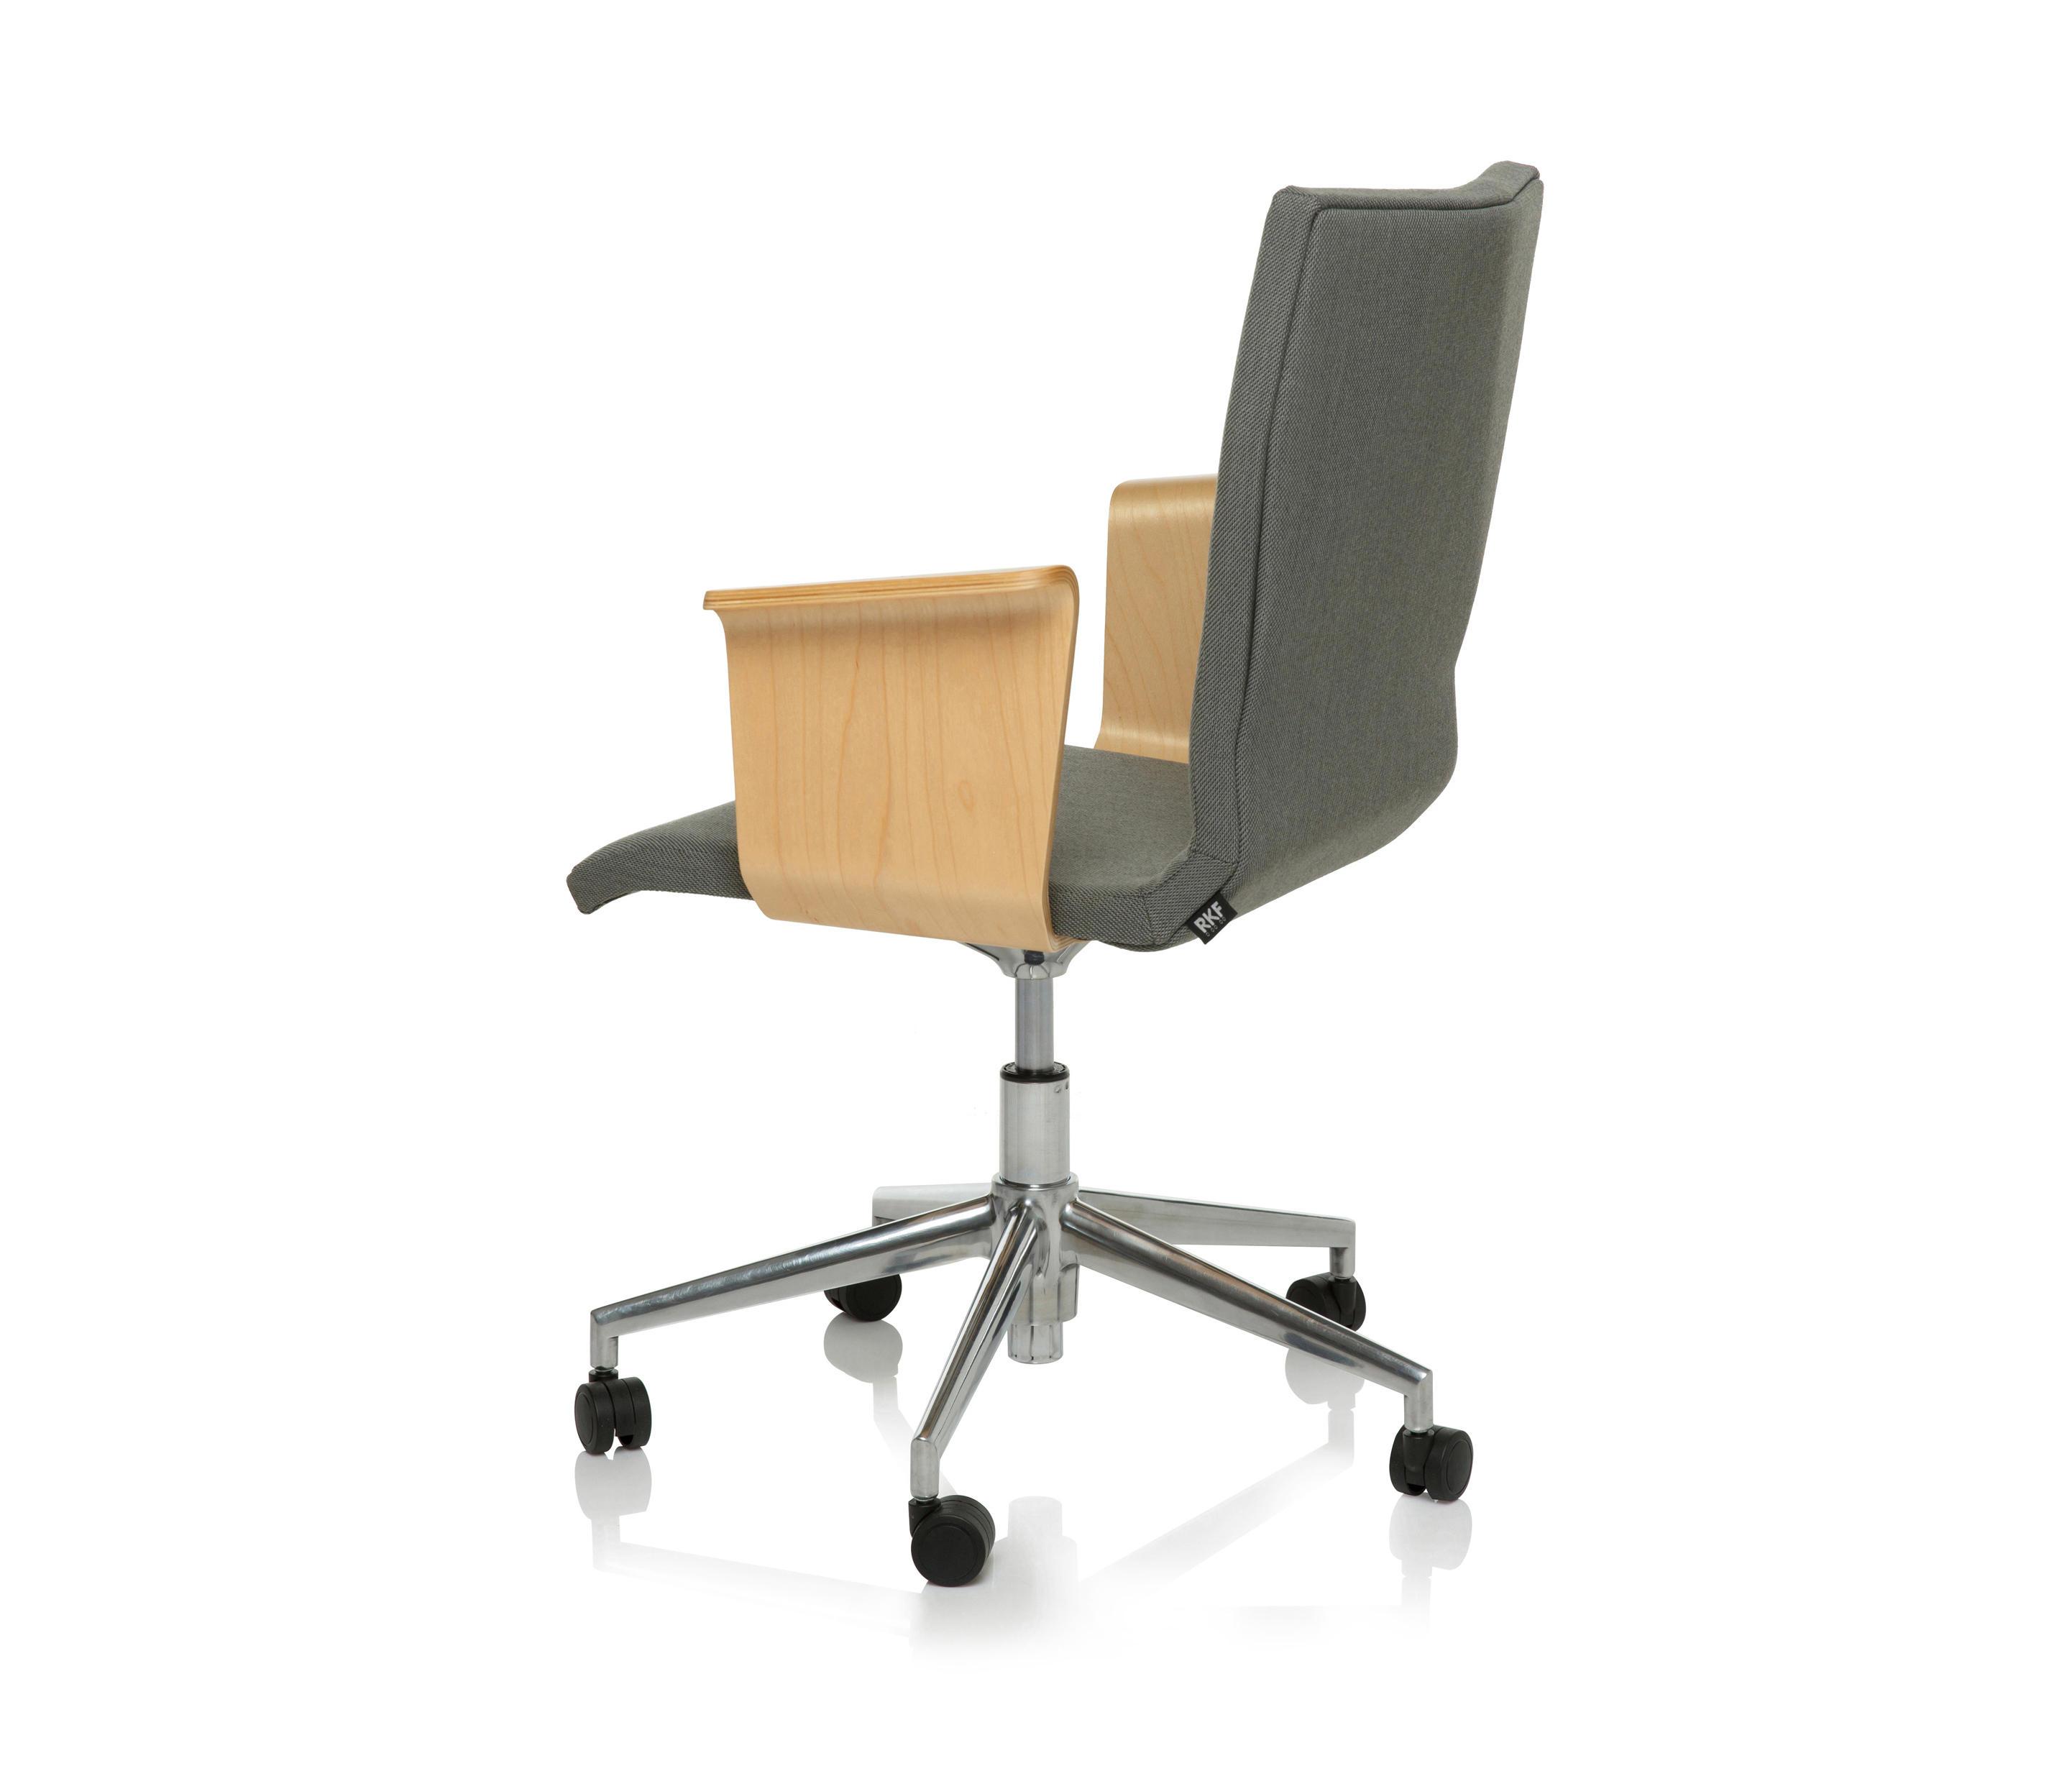 Libra sedie ufficio riga chair architonic for Rivenditori sedie